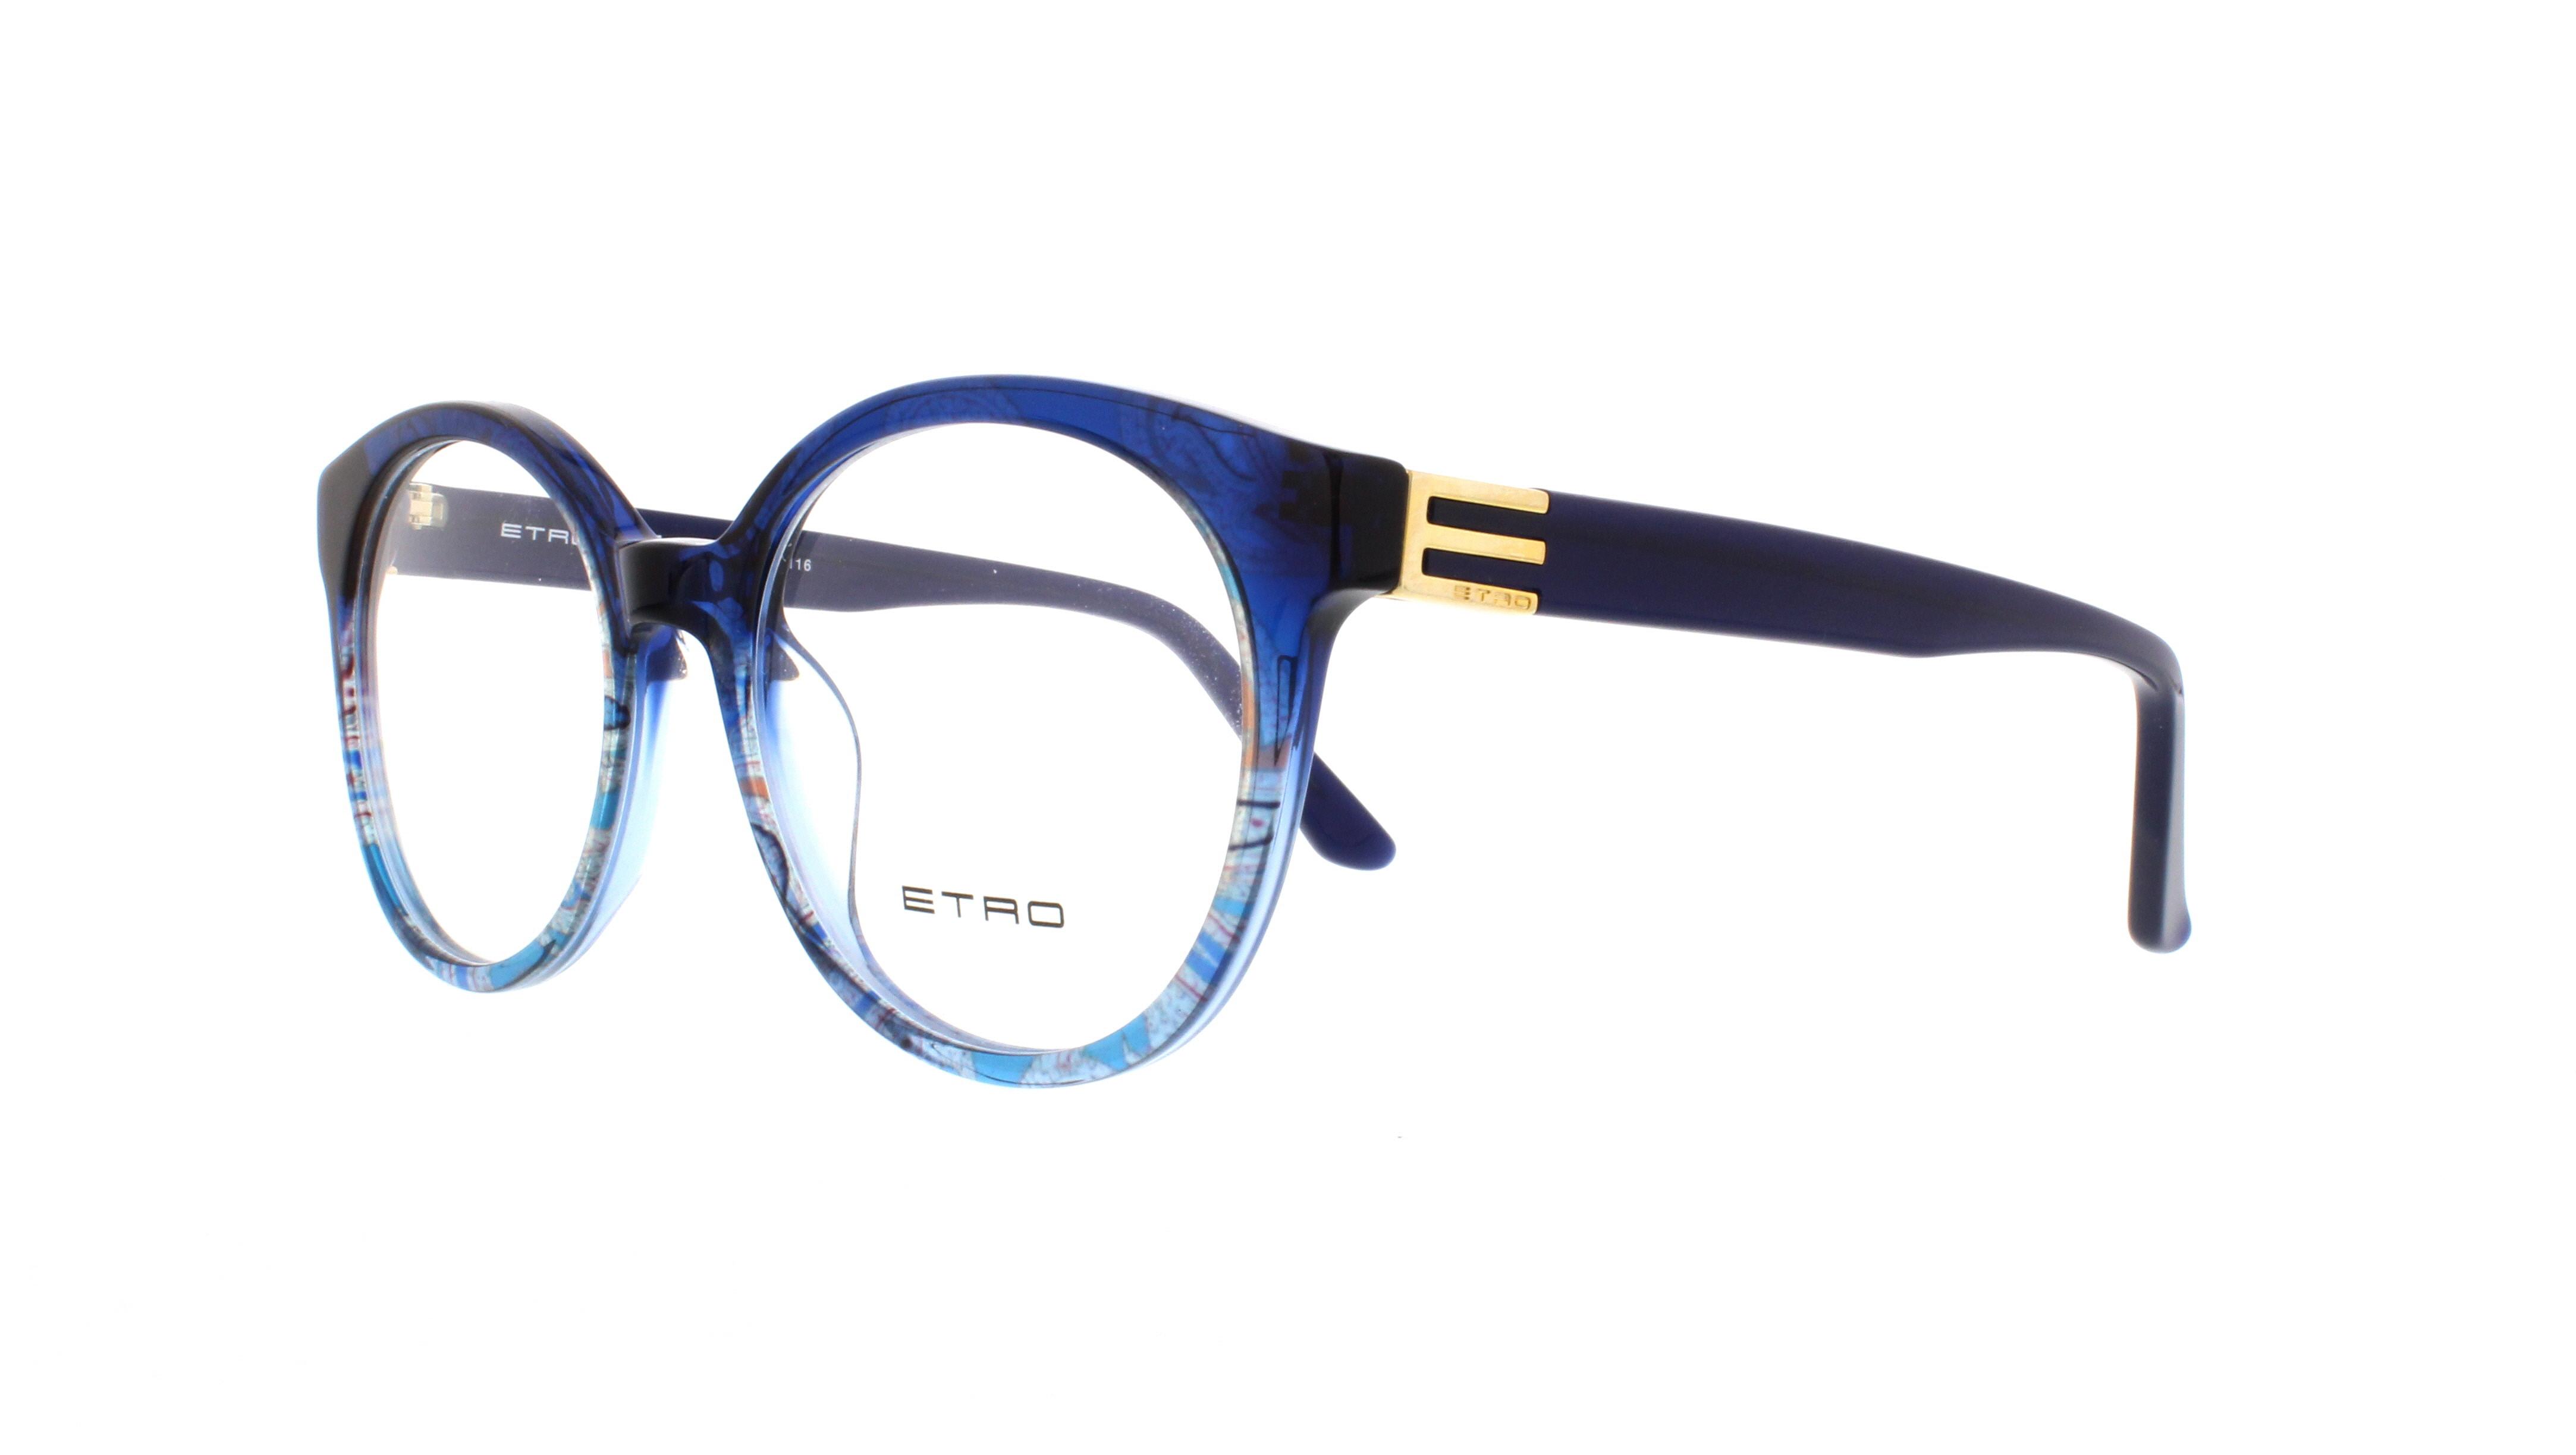 ddfbd5d0d2c8 Designer Eyeglasses Online Outlet